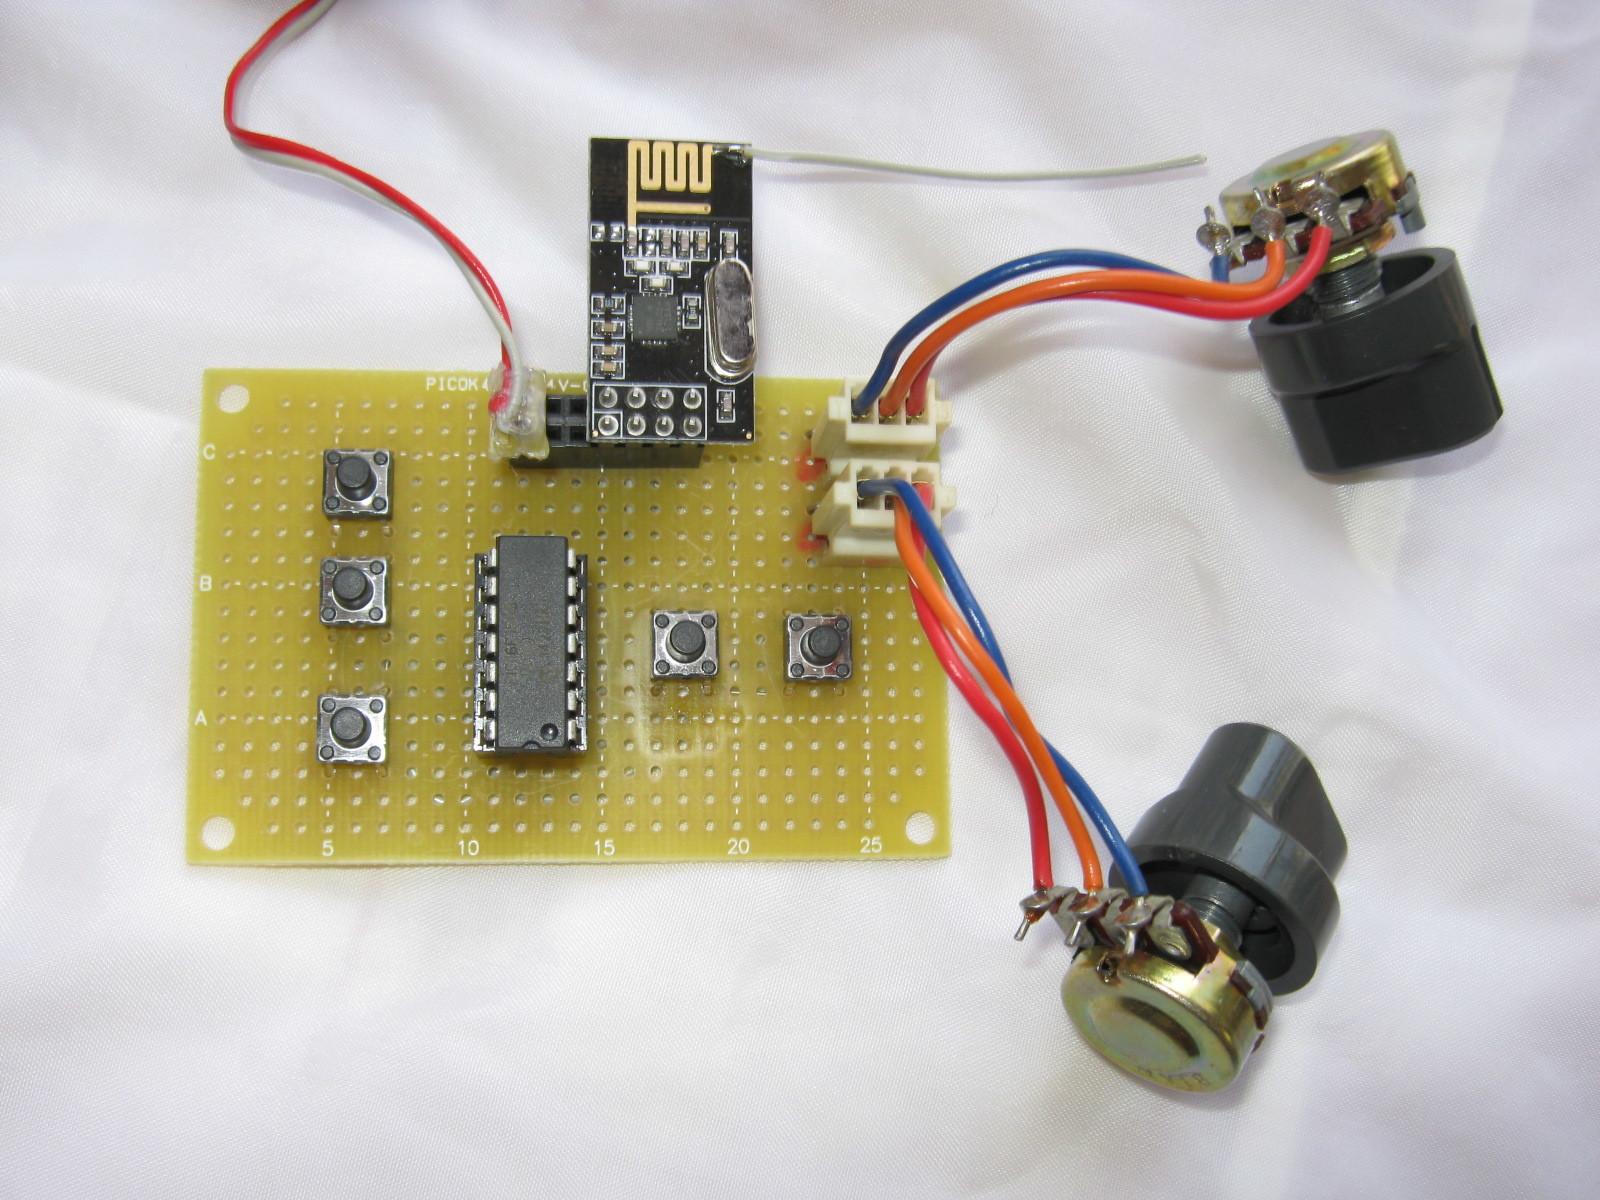 2.4GHzラジコン用ファームウェアのデモボード送信側